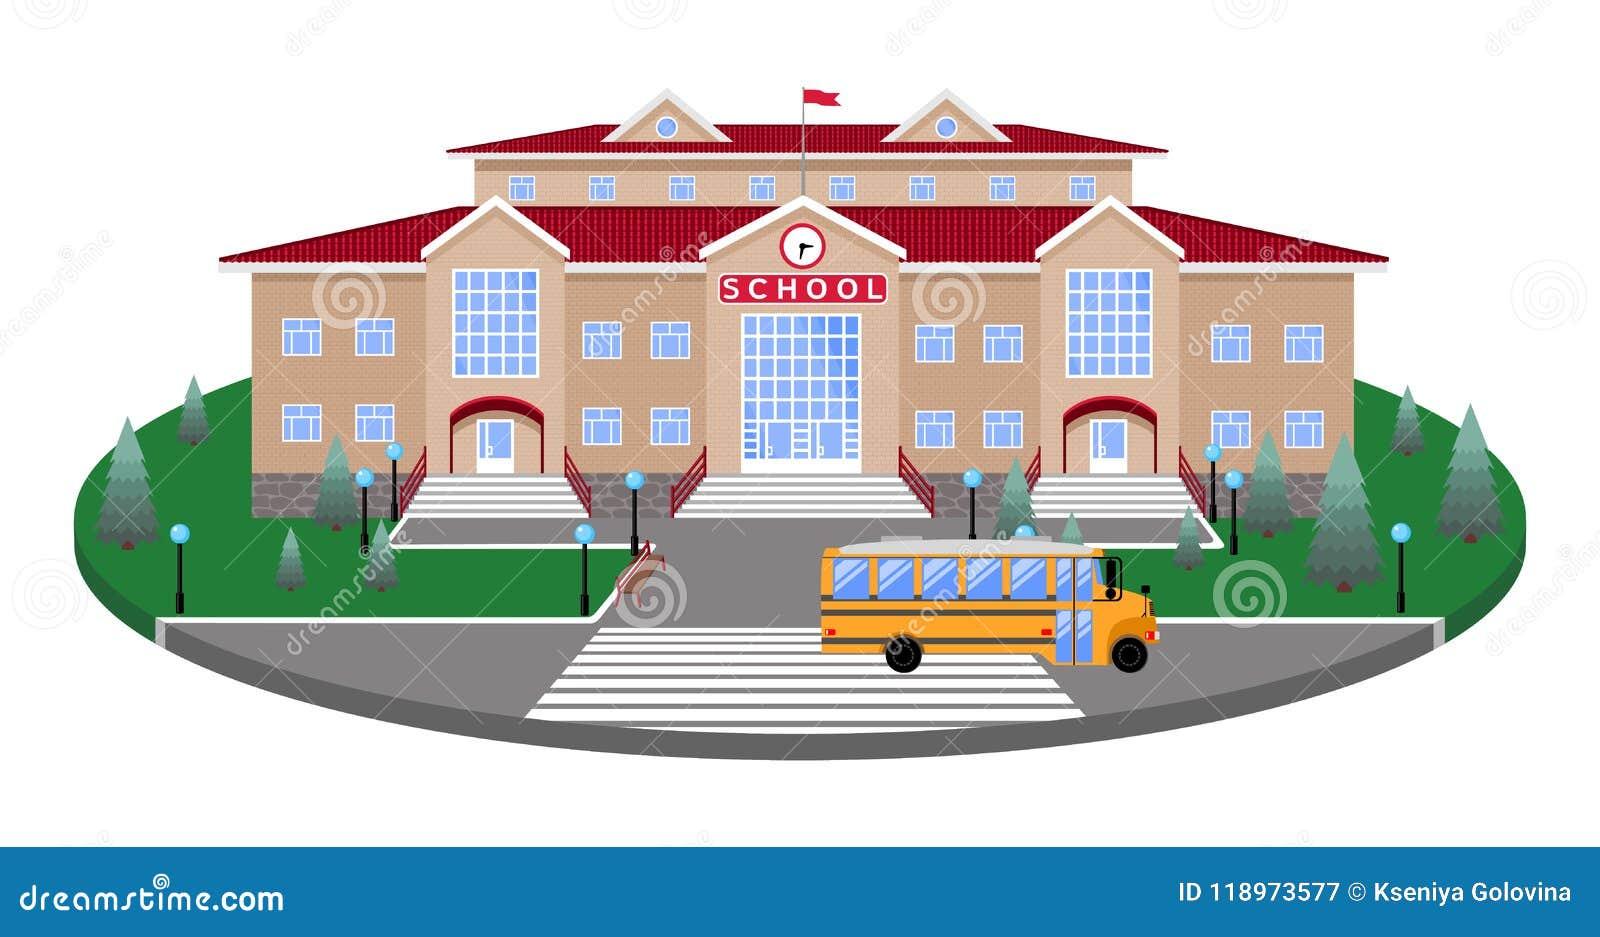 School, klassieke lichte beige baksteen die het cirkelplatform van het gazon bouwen aan de weg, voetgangersoversteekplaats, met 3